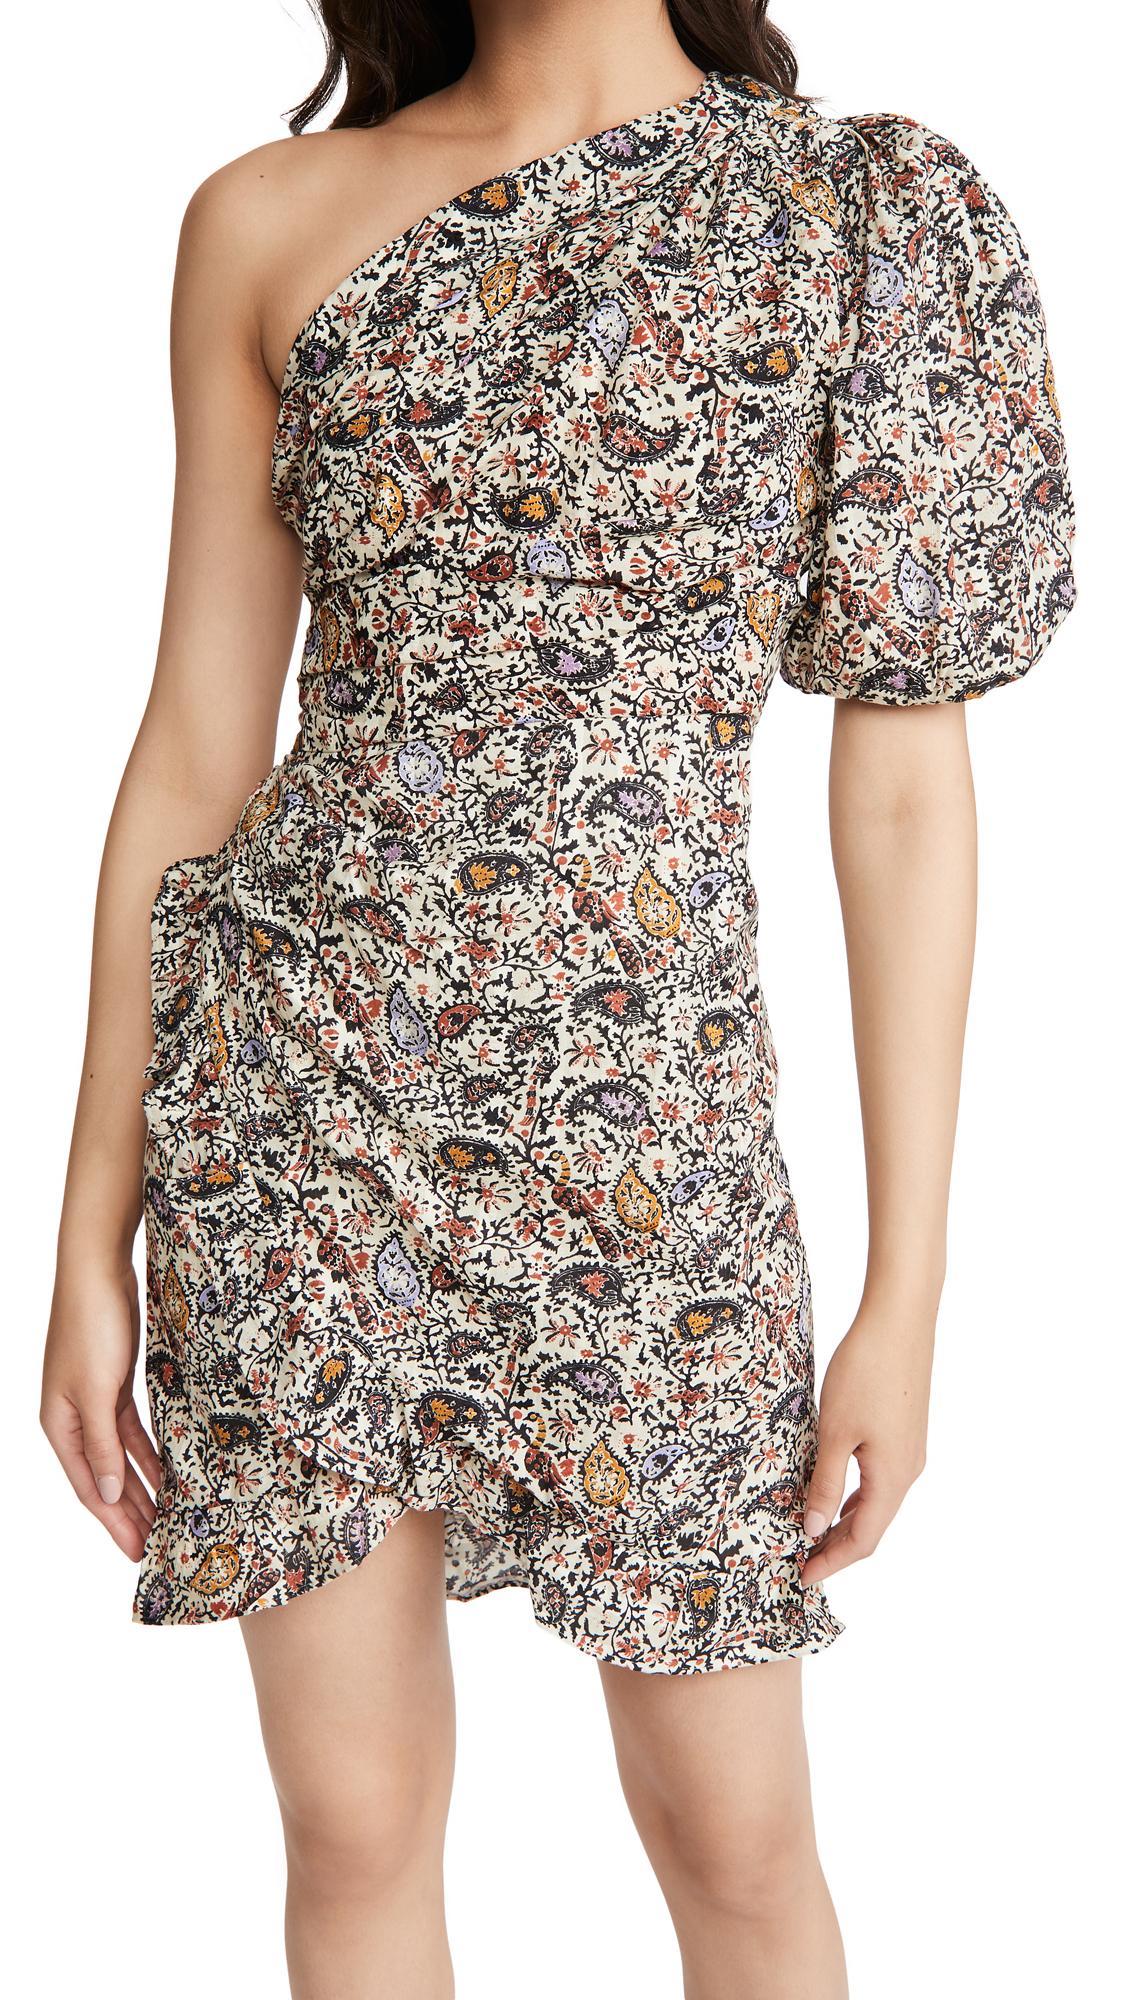 Isabel Marant Etoile Esthera Dress